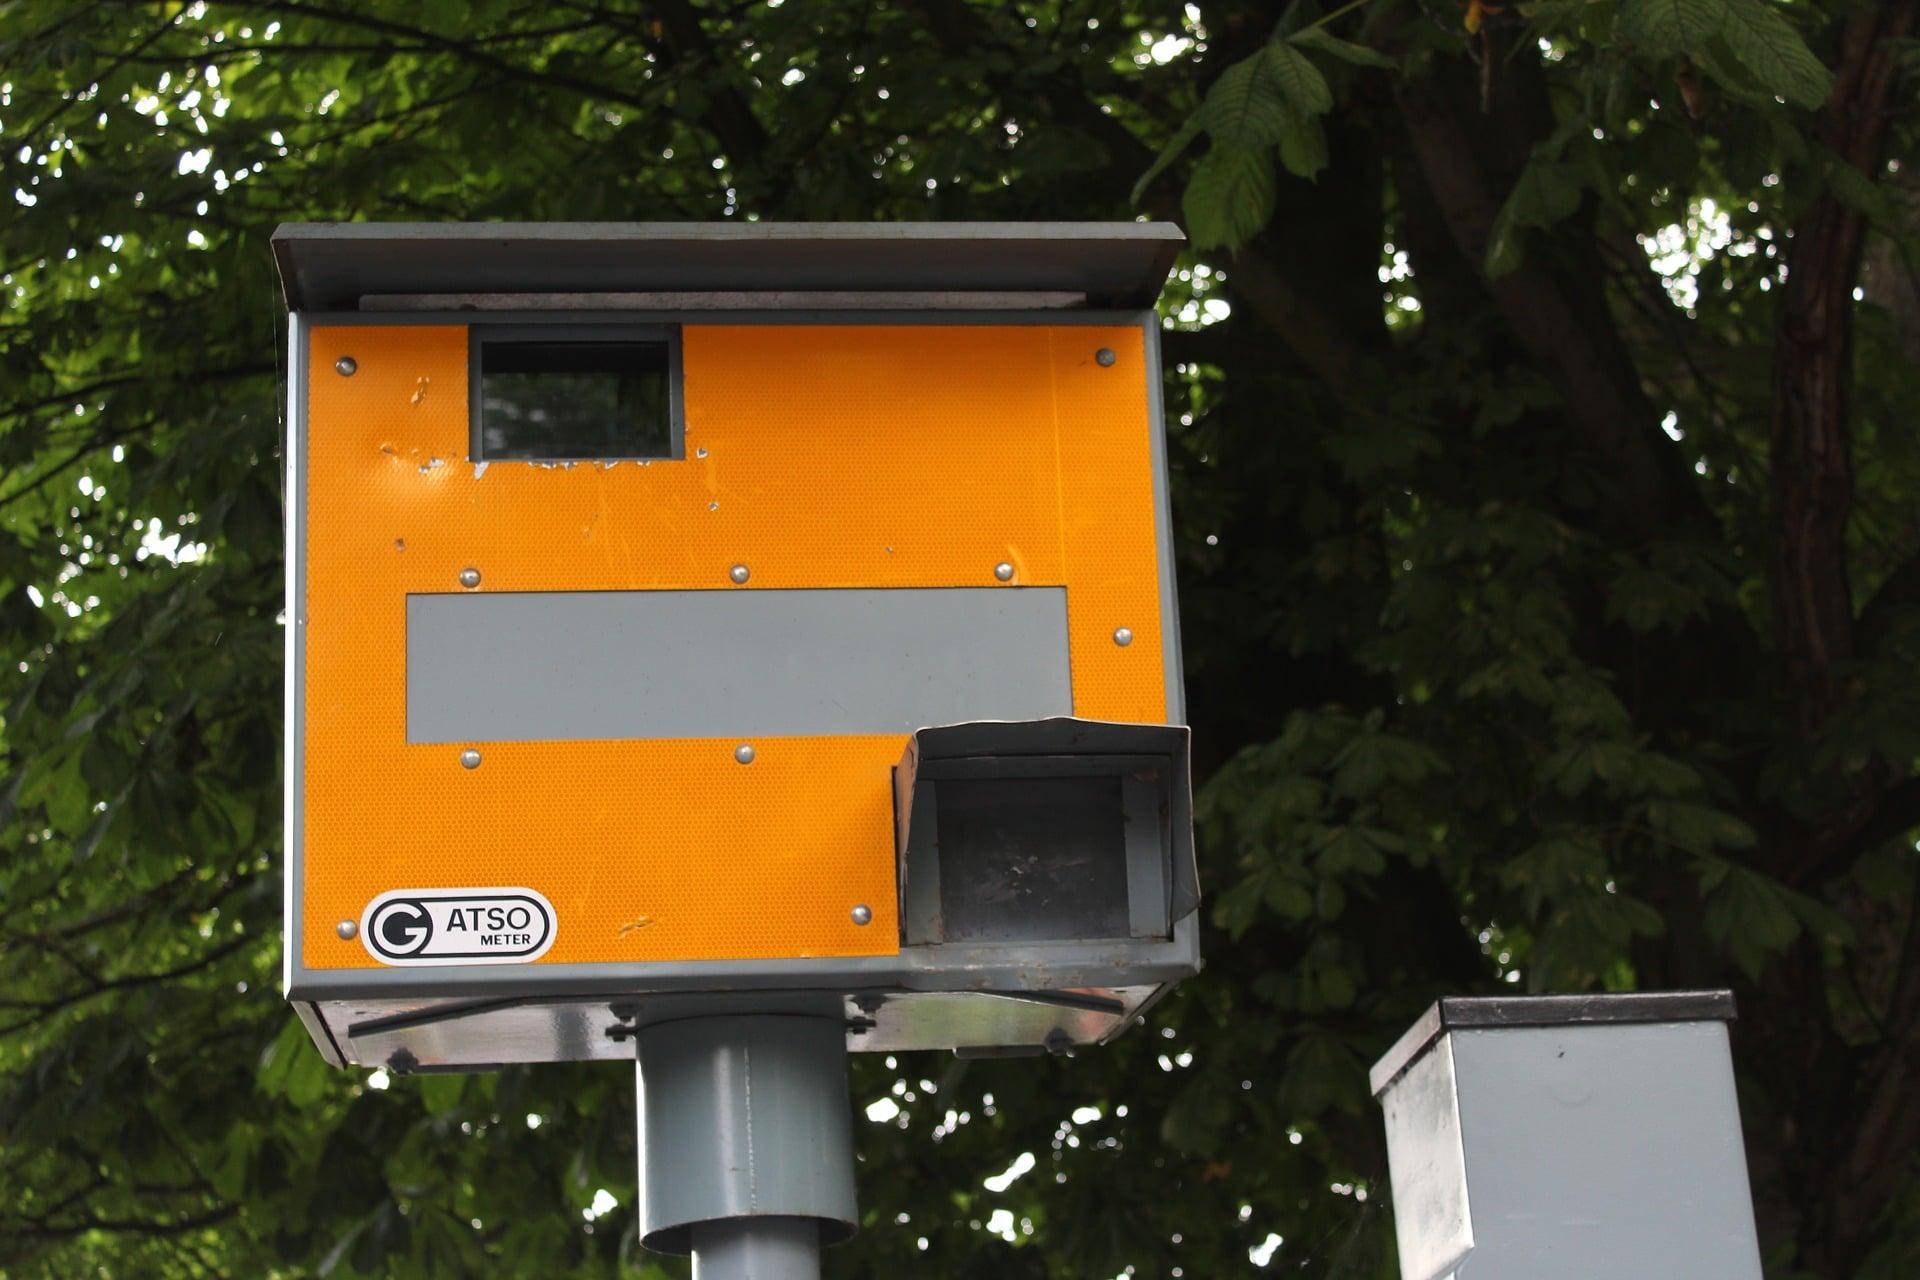 Tabletowo.pl Kolejny błąd w systemach - kierowcy elektryków zdjęcia z fotoradaru nie otrzymają Ciekawostki Moto